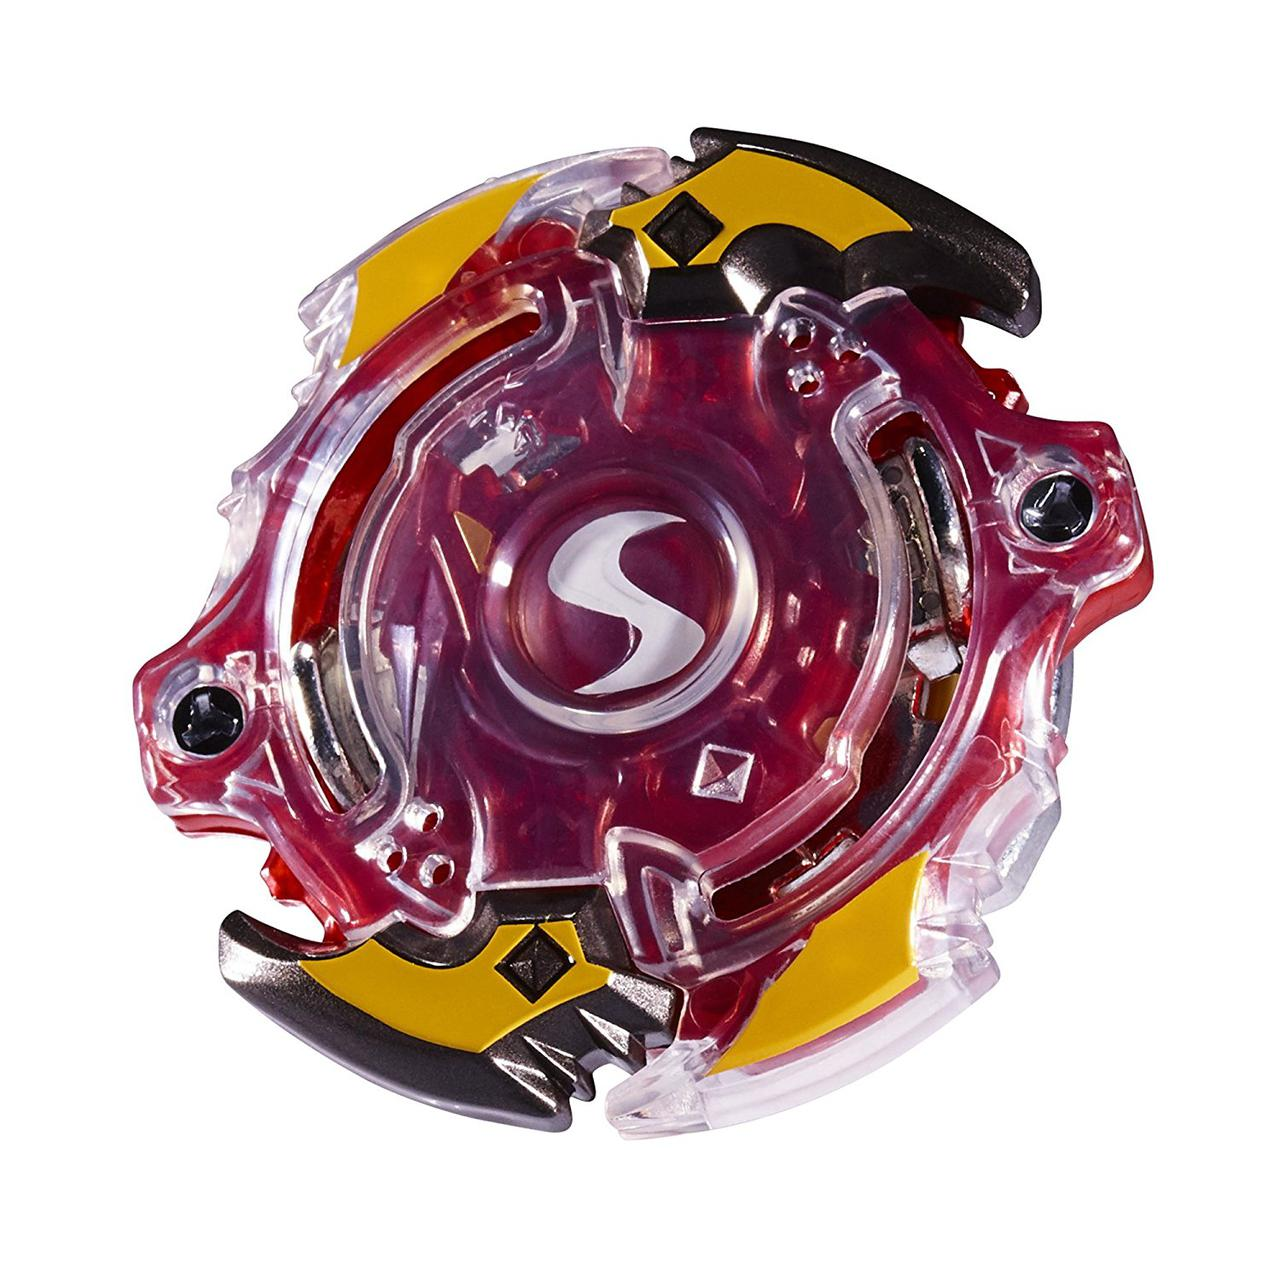 Бейблейд волчок Спрайзен с пусковым устройством  Beyblade Burst Starter Pack Spryzen S2 оригинал HASBRO